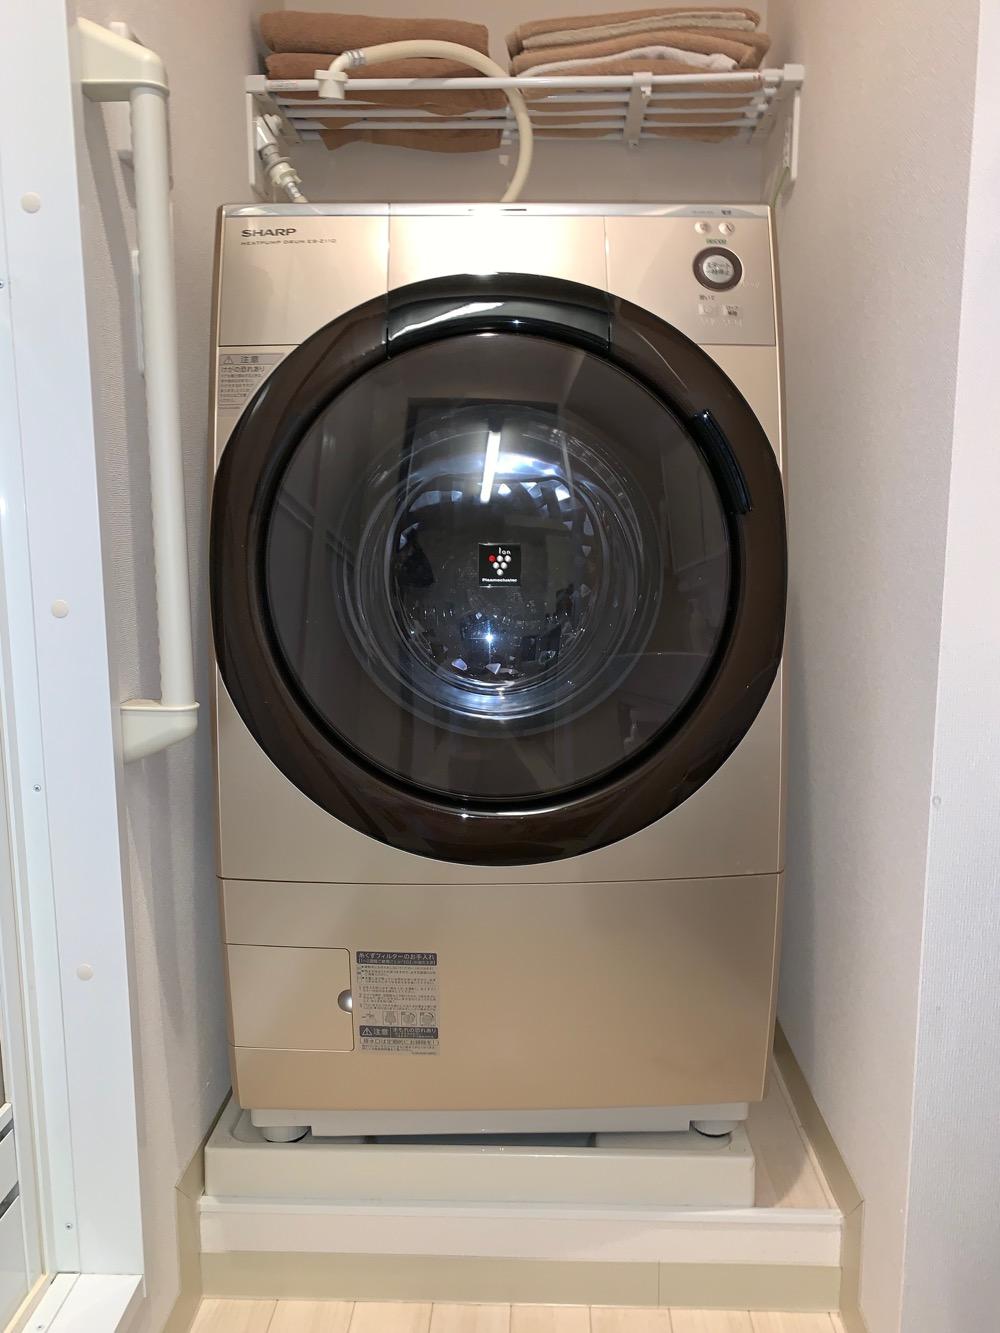 ドラム式洗濯機の乾燥フィルター詰まりを修理してみた ES-Z110L U04エラー